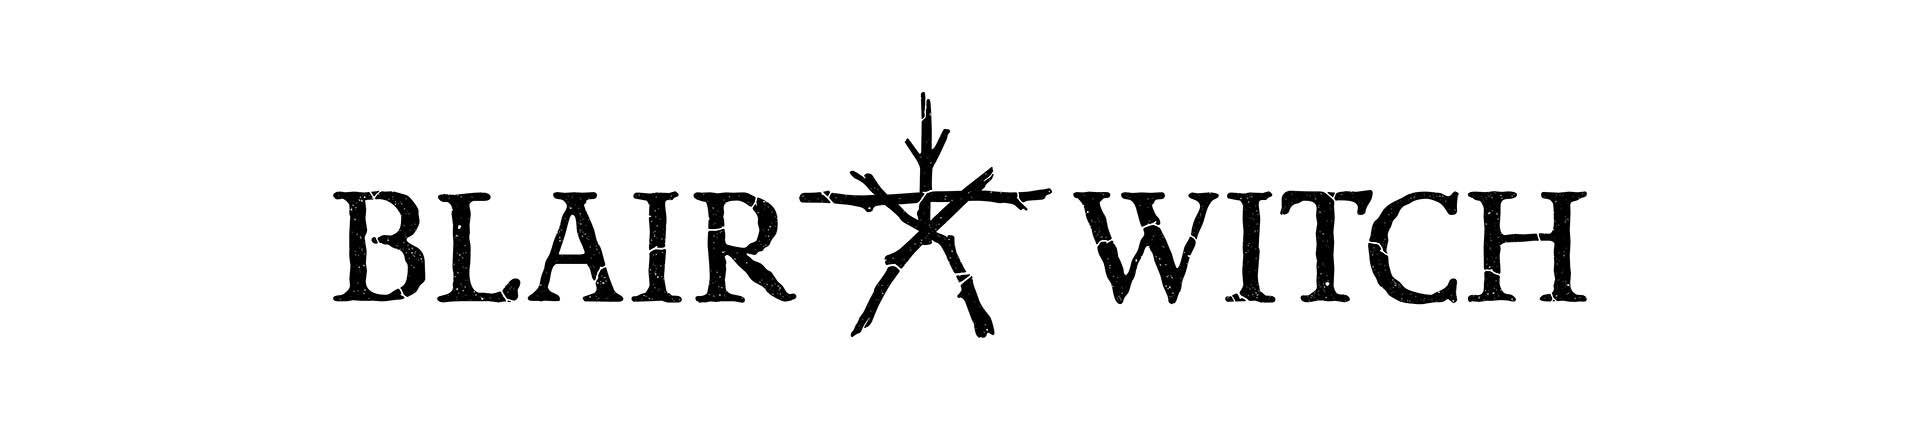 <a href='https://www.mightygamesmag.de/all-game-list/blair-witch/'>Zum Spiel</a>